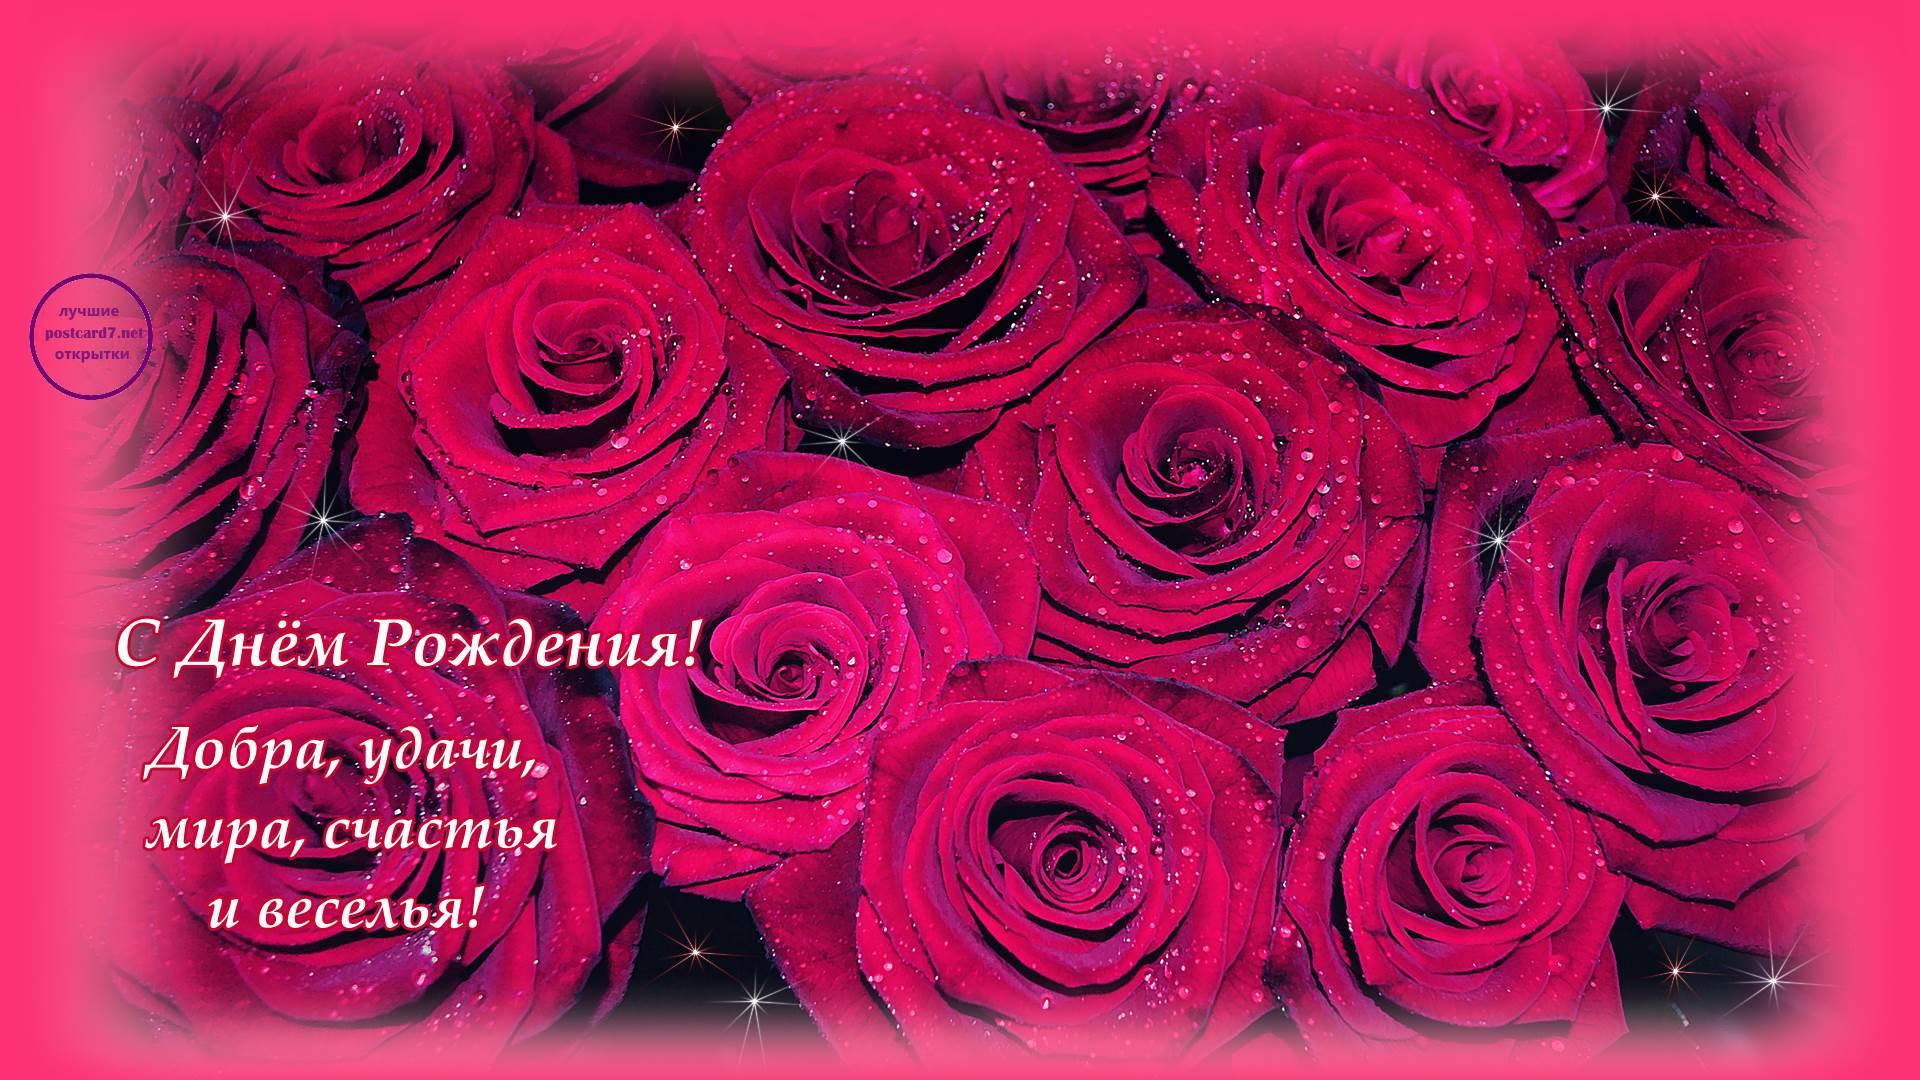 Коты своими, открытка розы с днем рождения с текстом